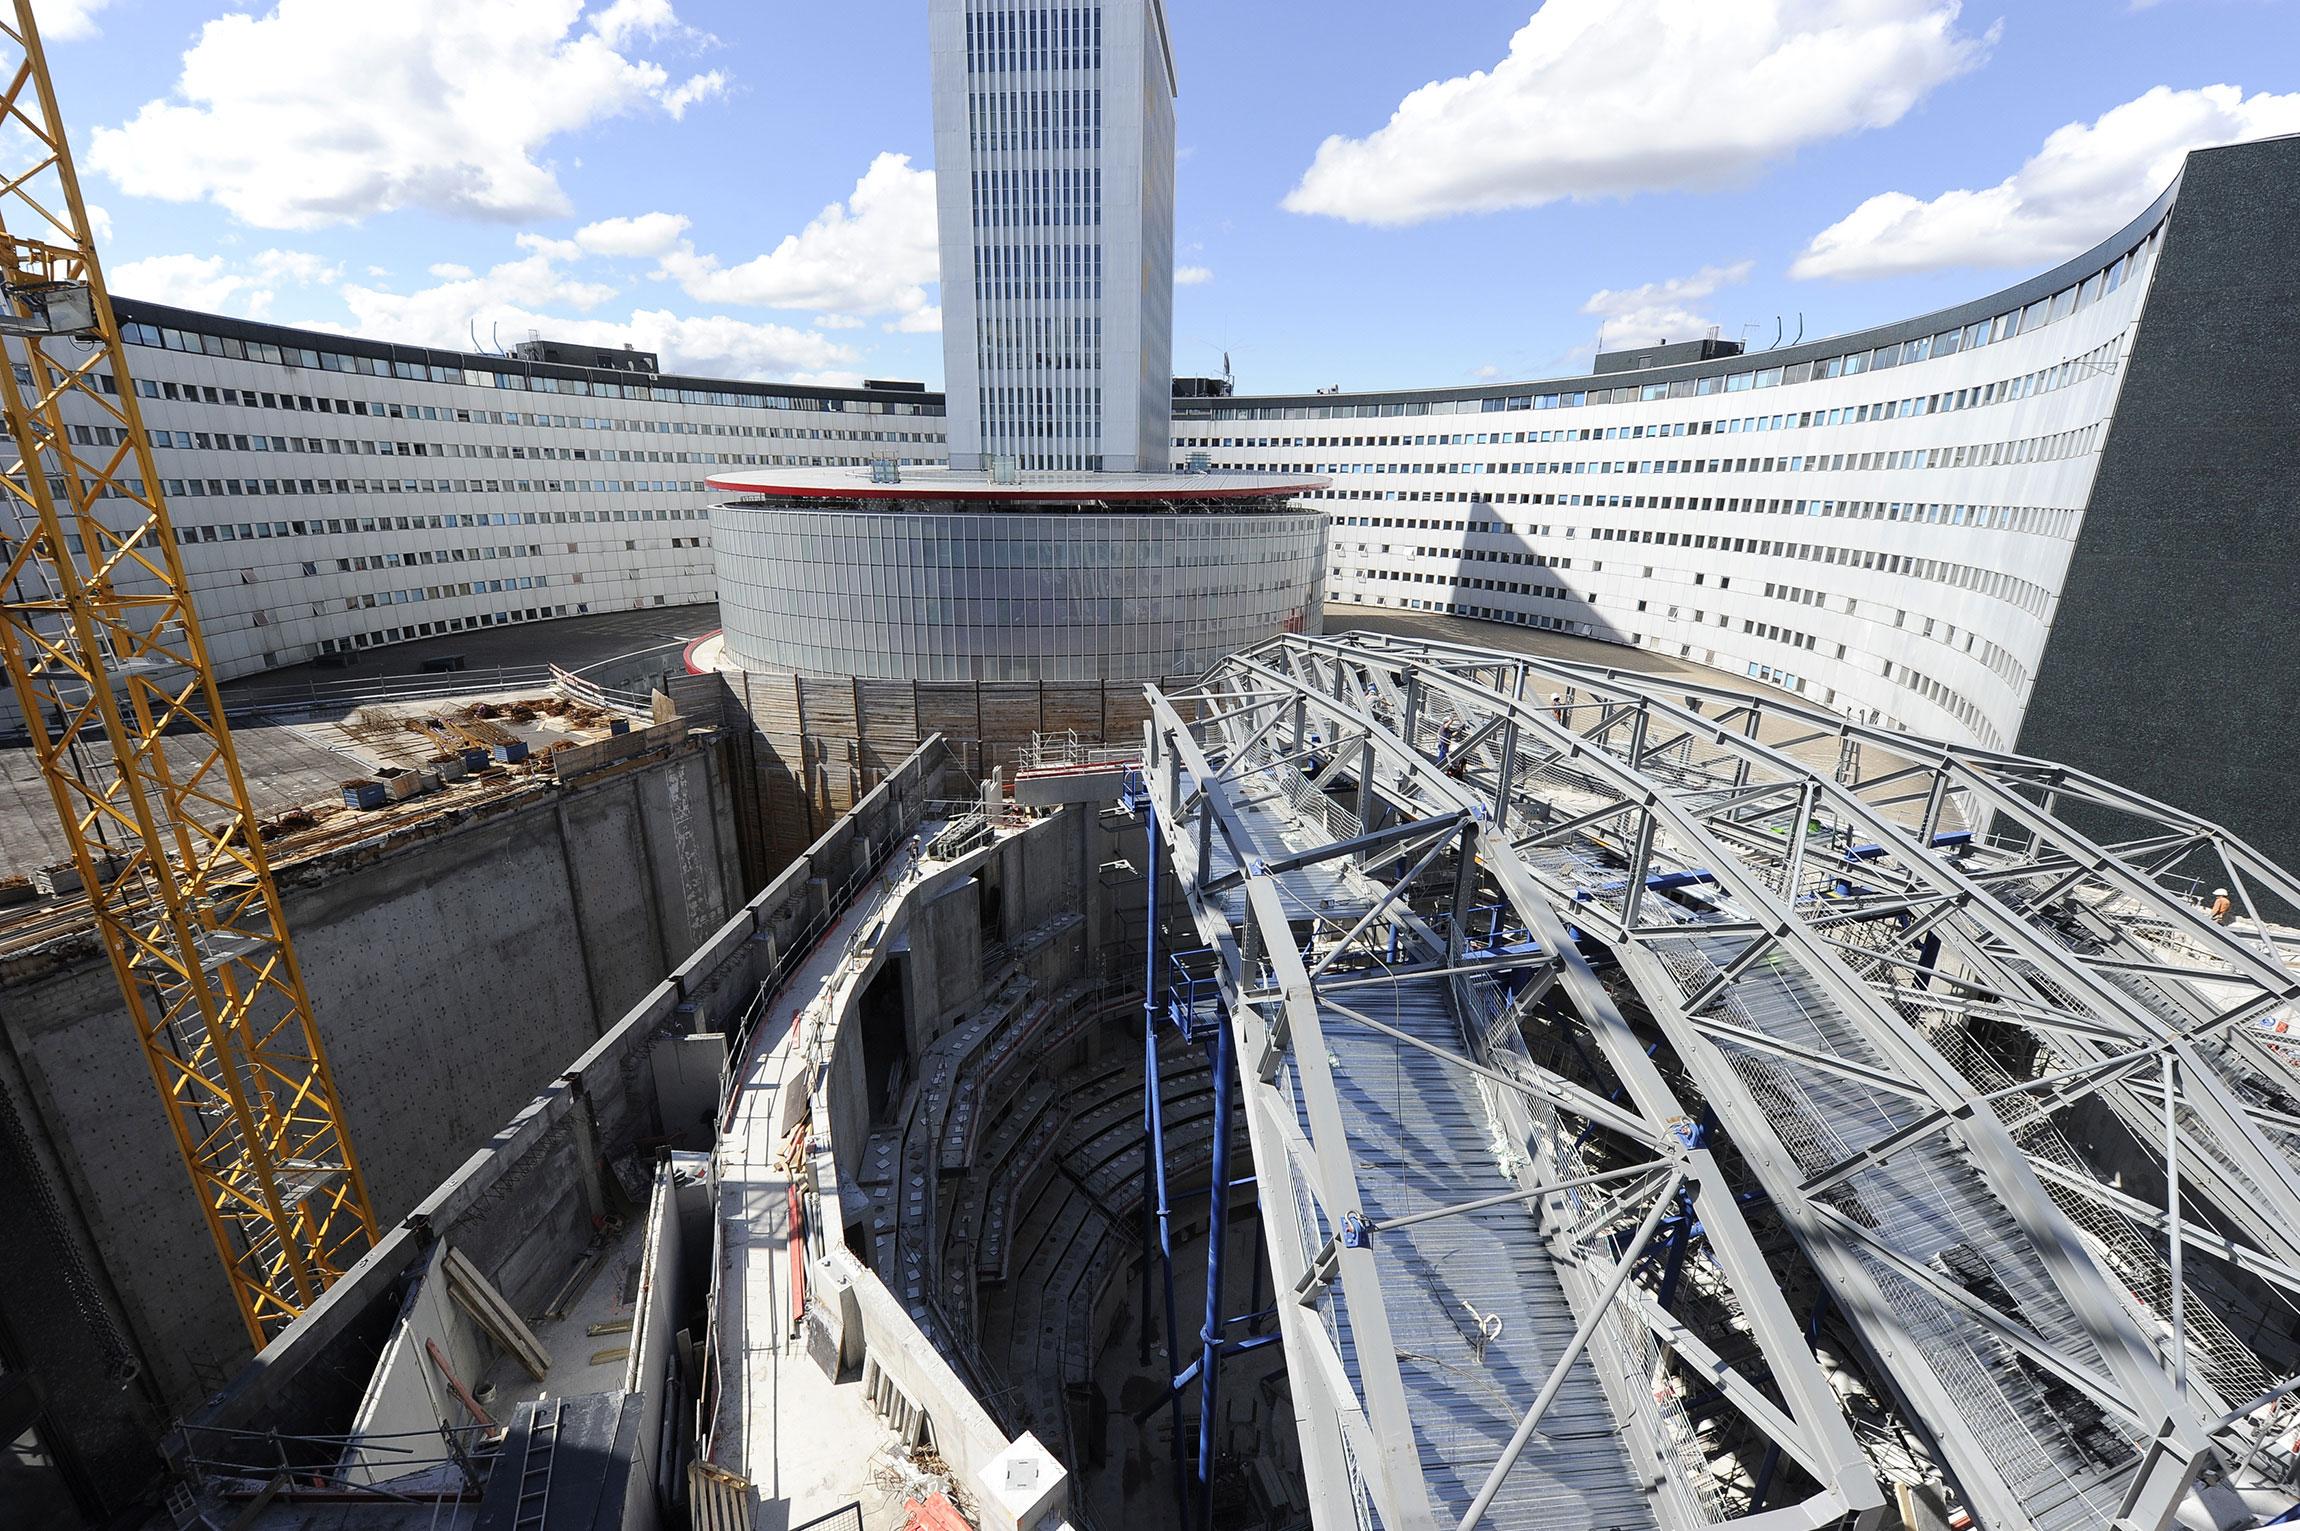 Vue sur le chantier de construction de l'Auditorium depuis la cour intérieur de la Maison de la Radio. C. Abramowitz / Radio France